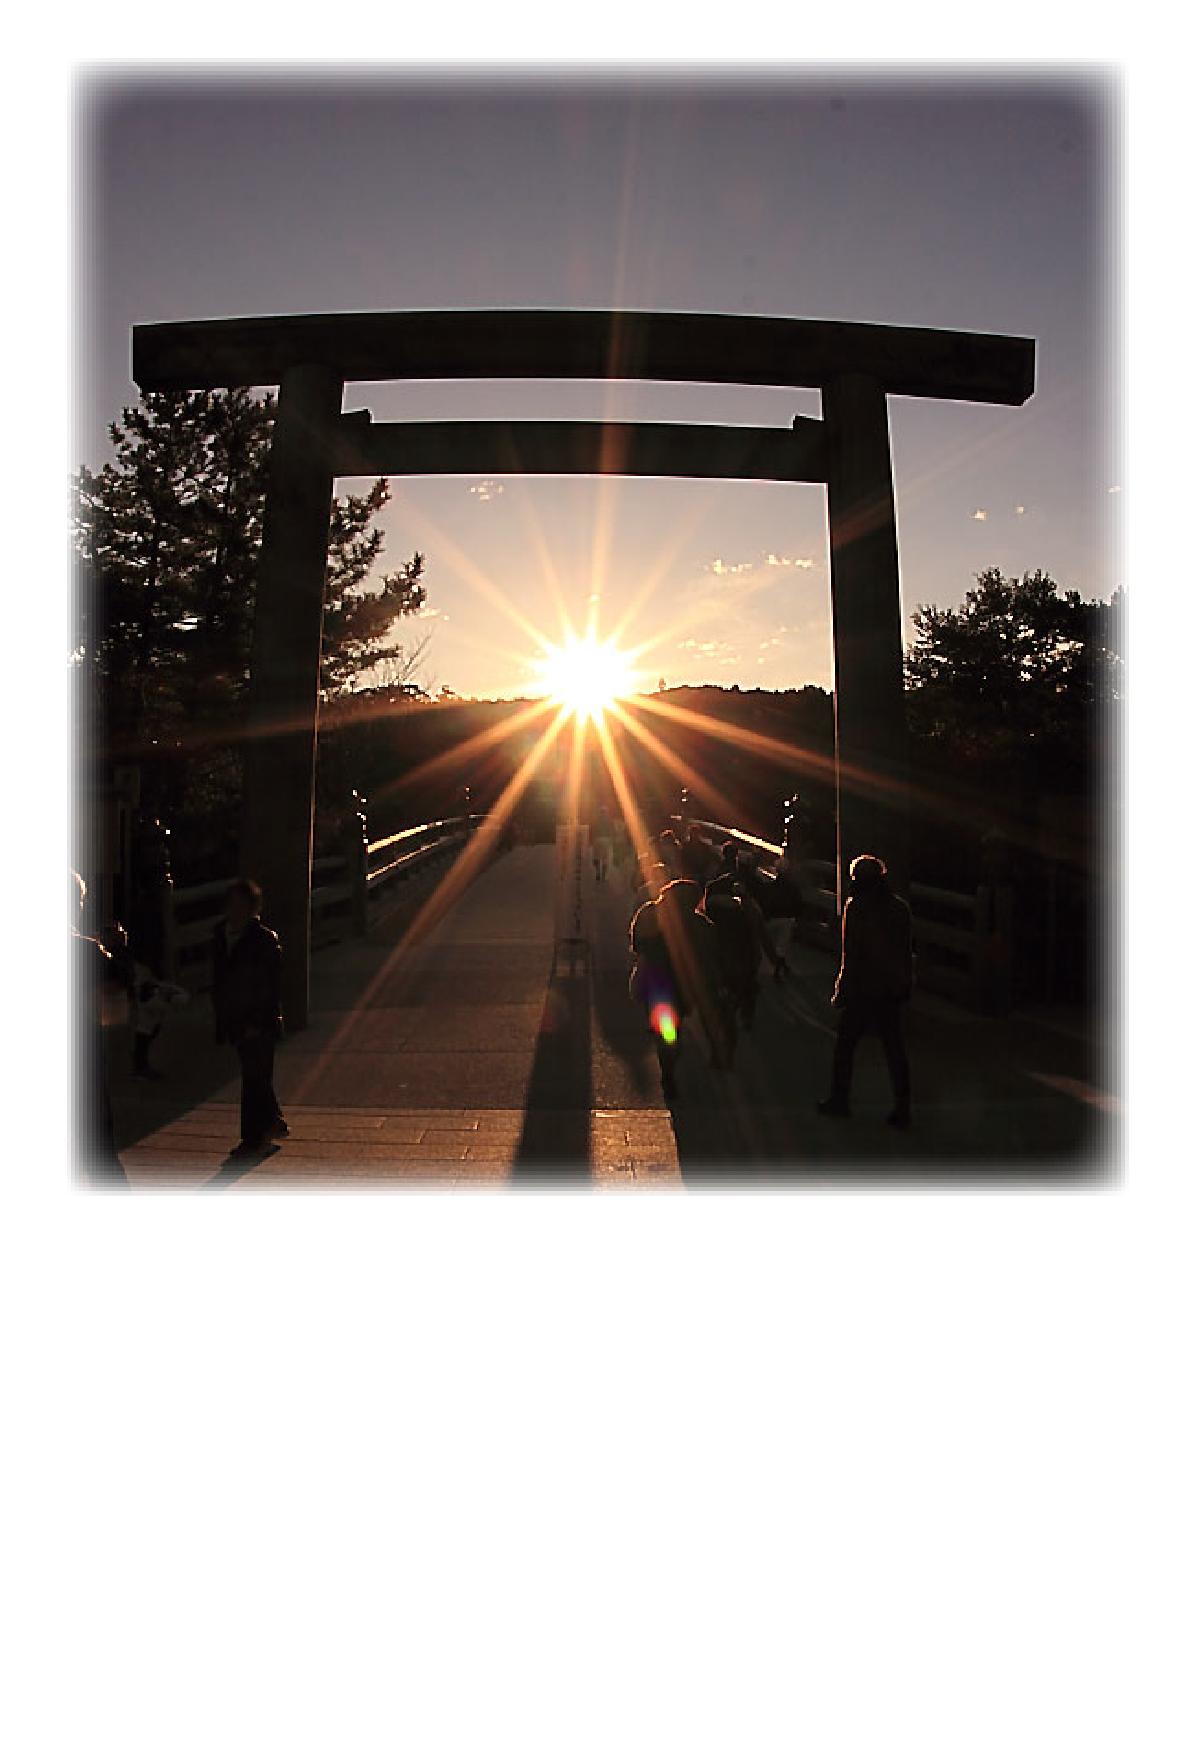 伊勢神宮宇治橋鳥居からの日の出(文字なし)